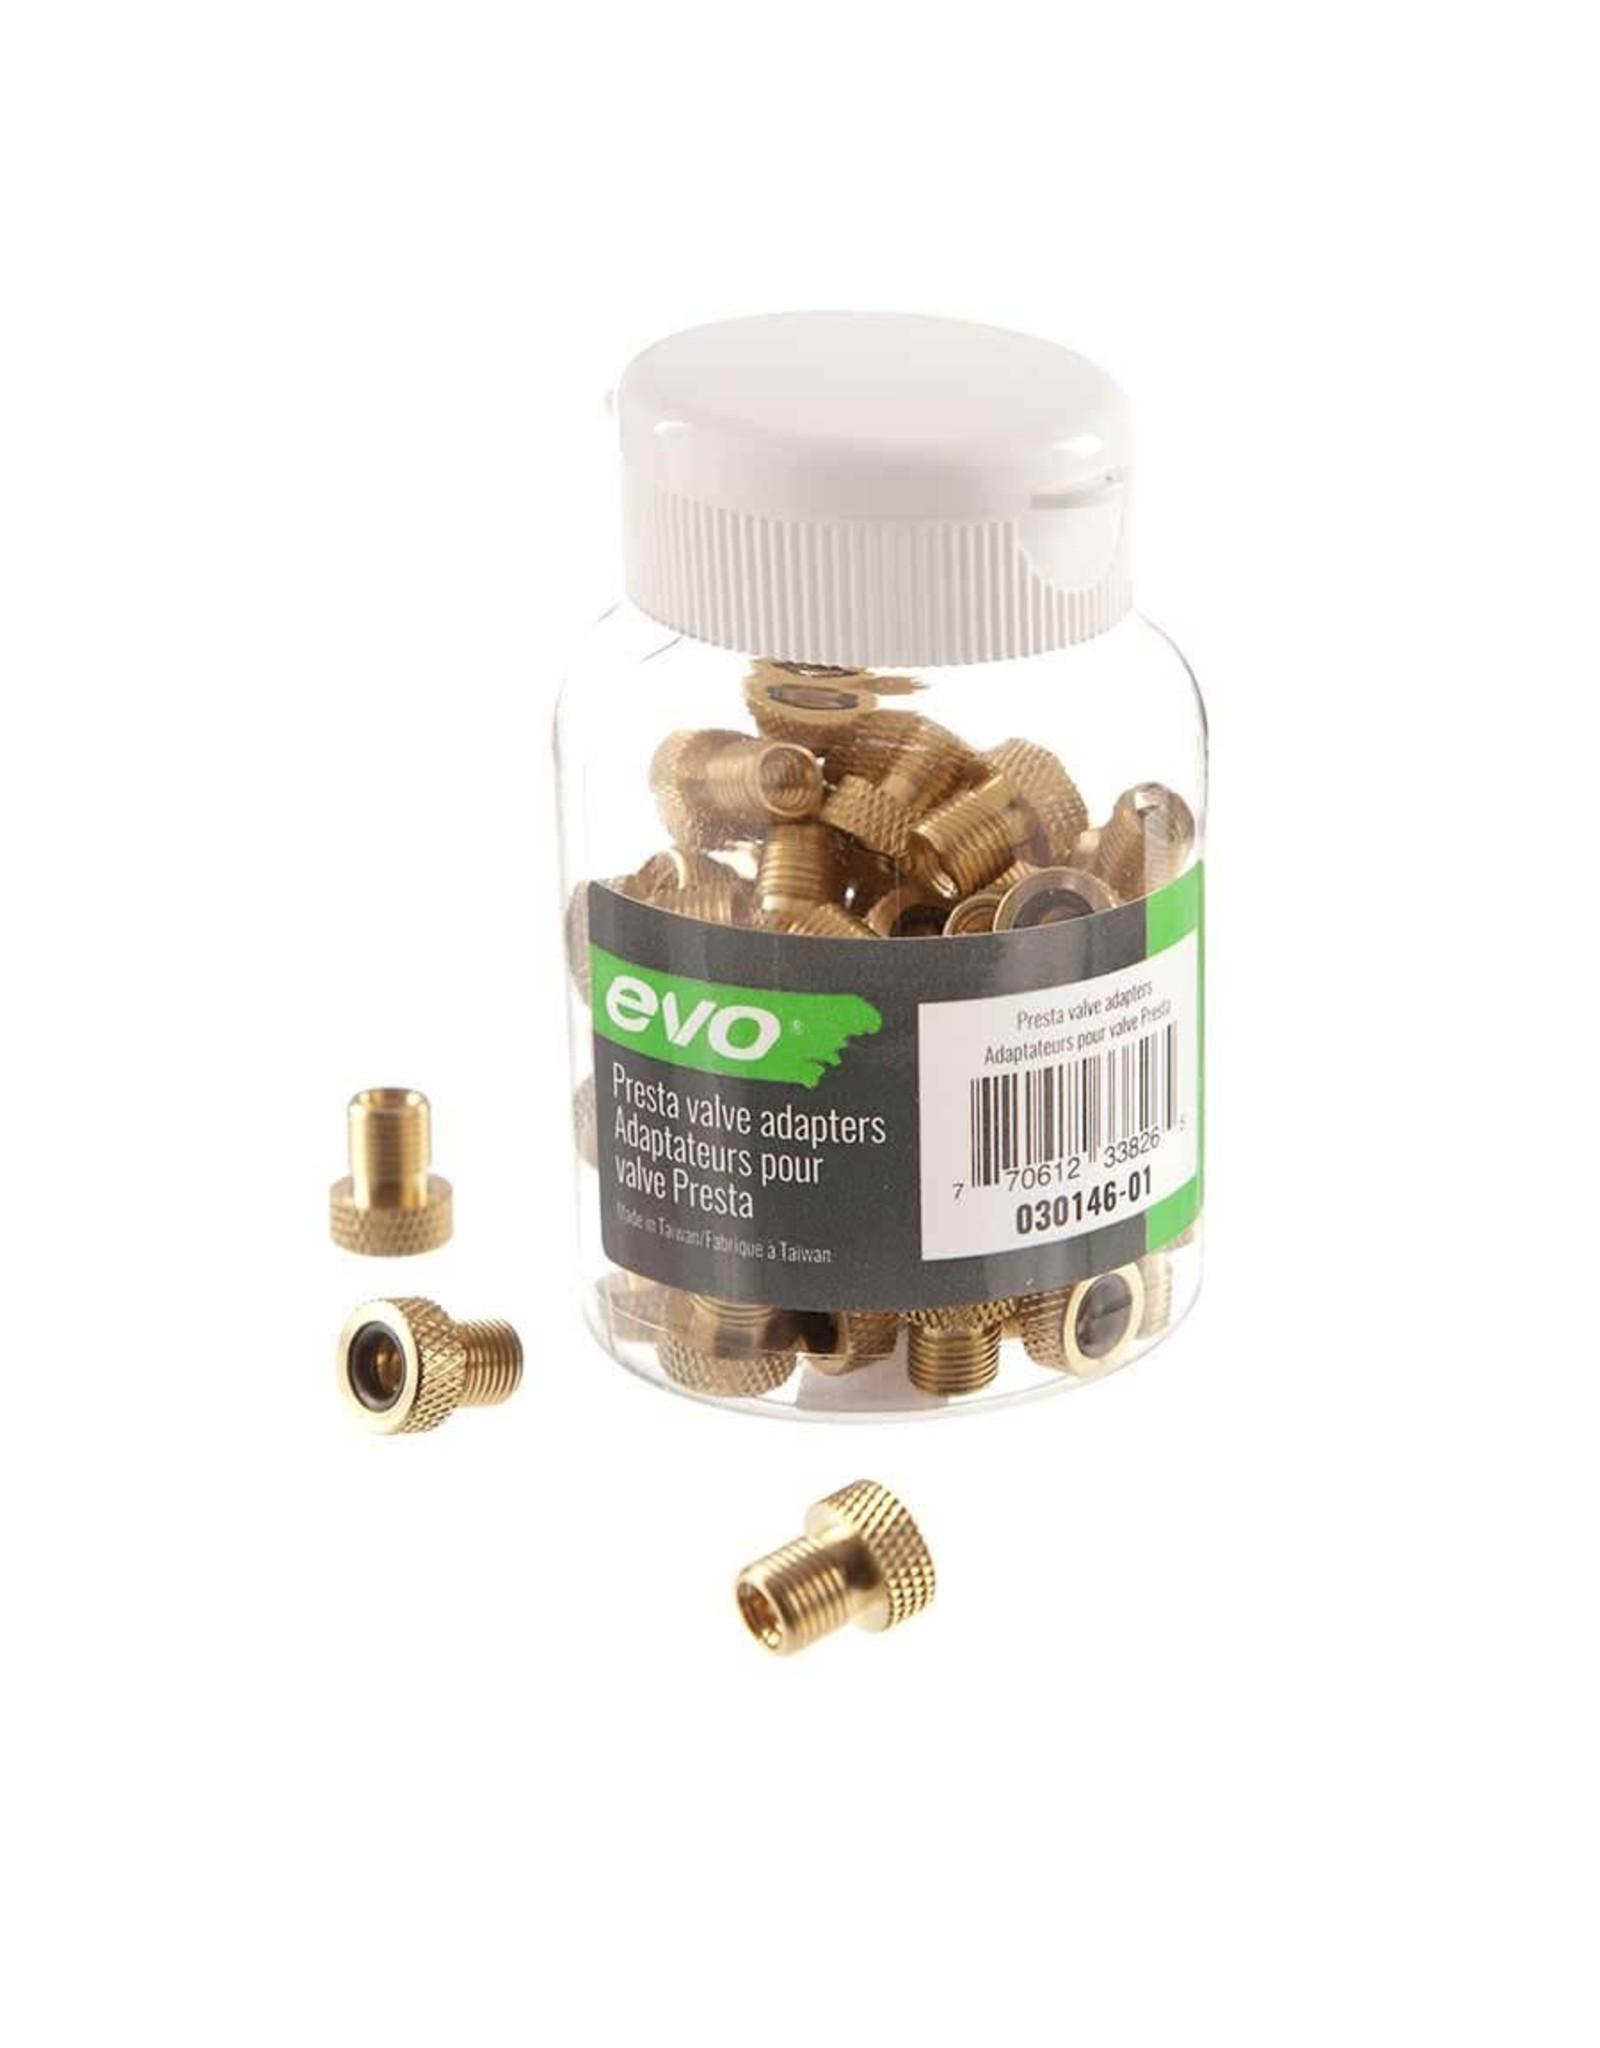 Adaptateur de valve presta en laiton